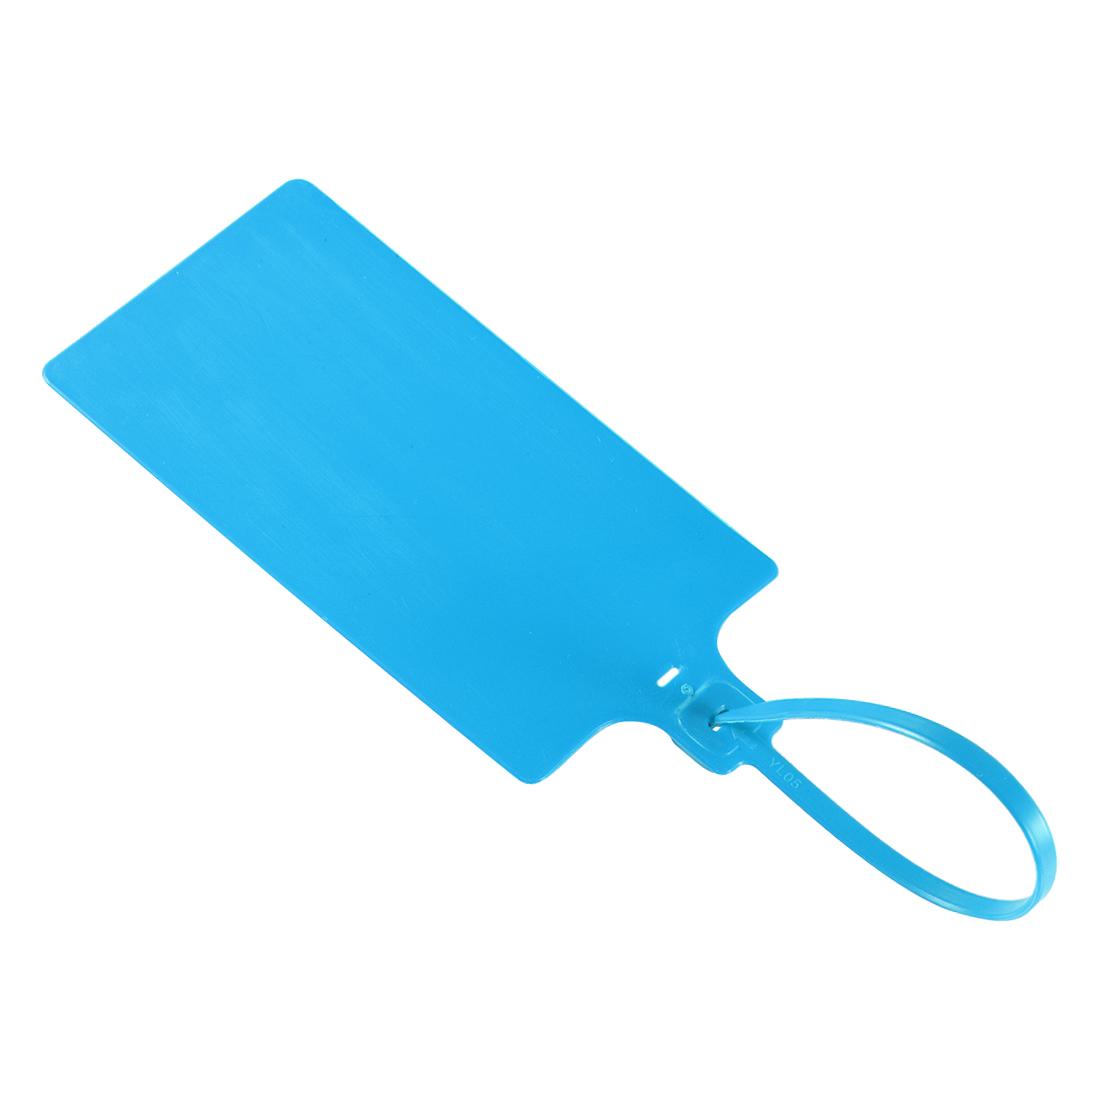 Plastic Zip Ties Seals Anti-Tamper 255mm Length, Blue, Pack of 50